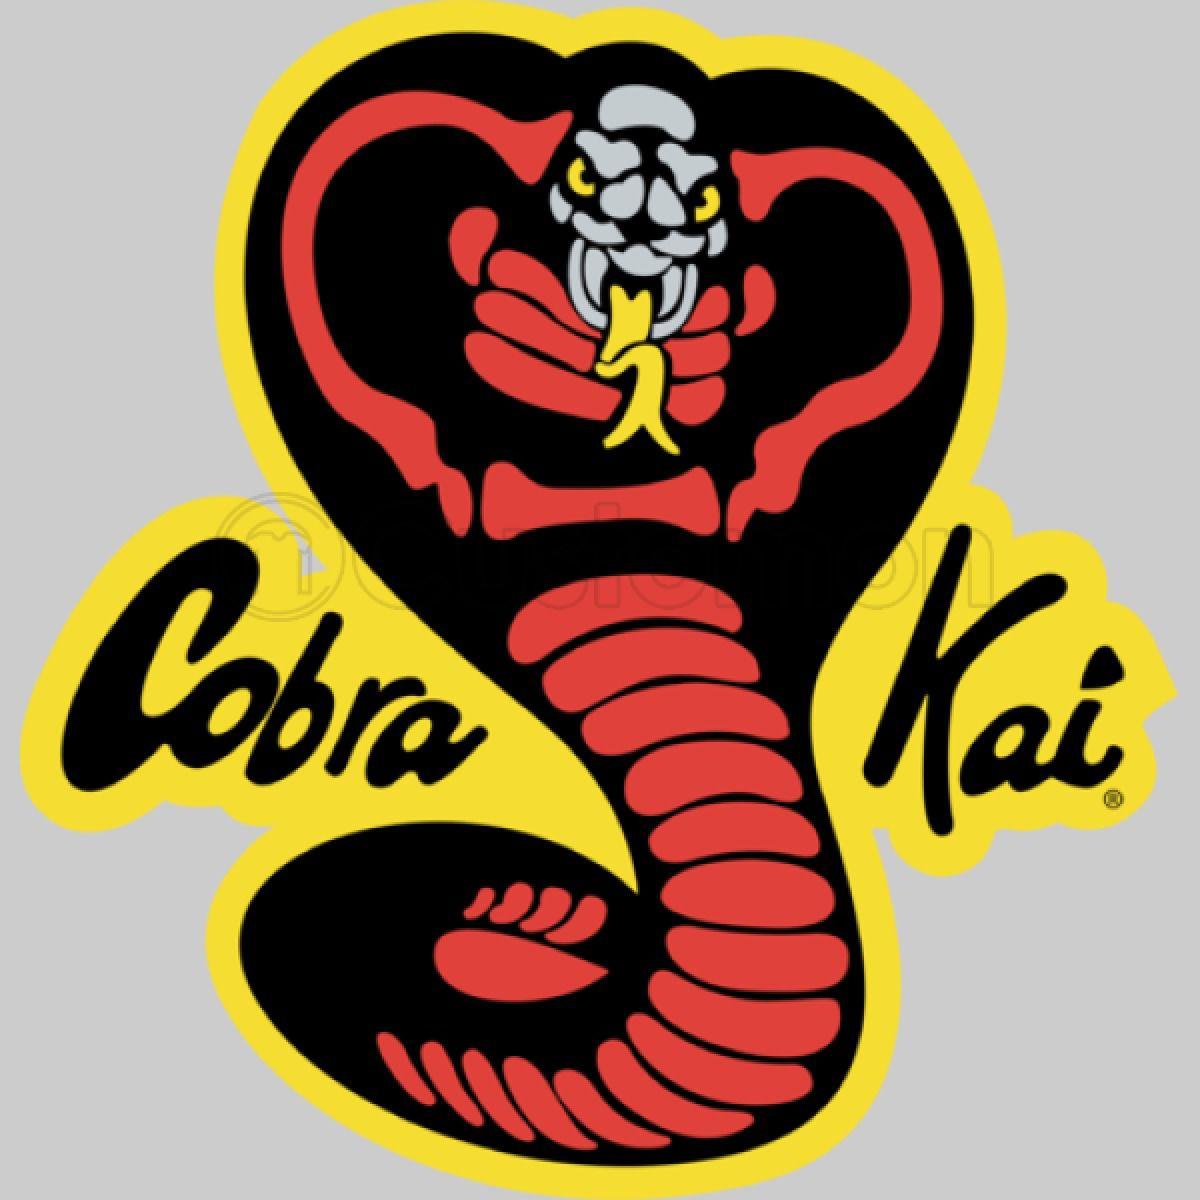 Cobra Kai Logo Men's Tank Top - Customon